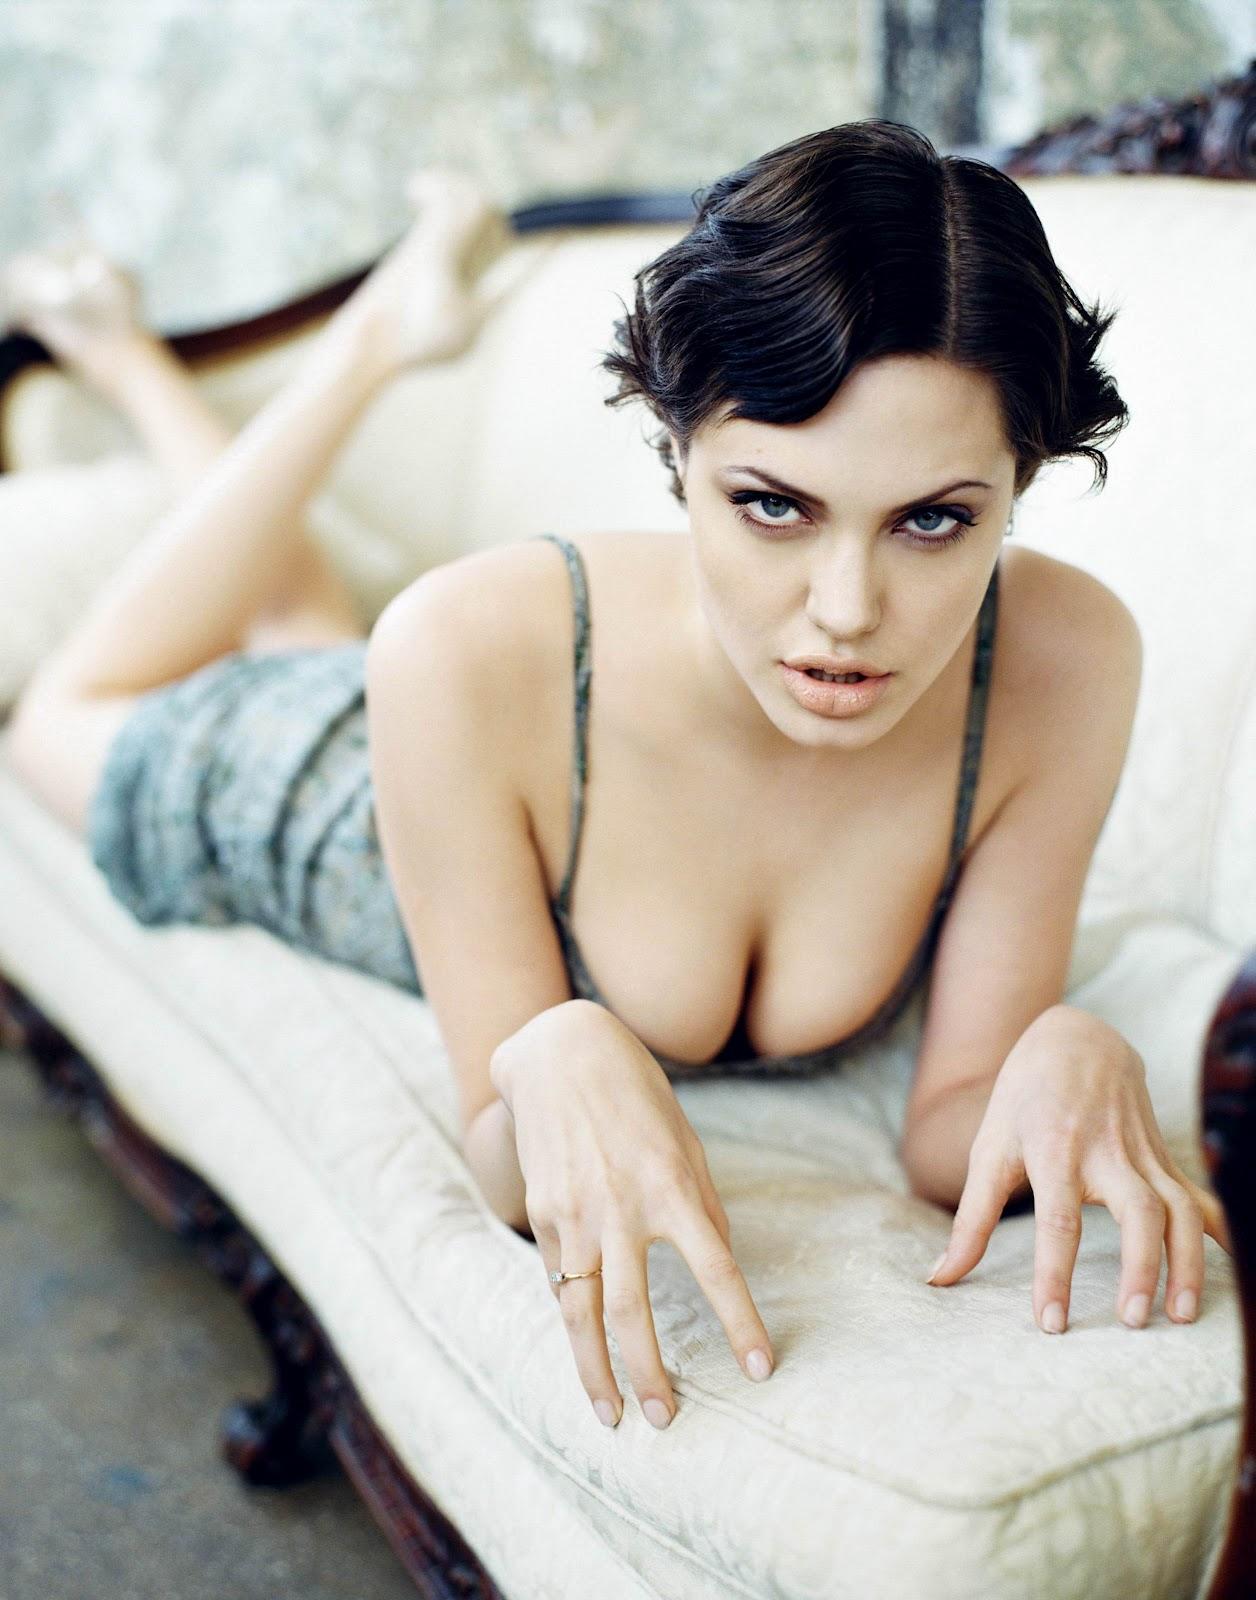 http://2.bp.blogspot.com/-o1uwJnpqK3Y/UCWn-DtHlHI/AAAAAAAAGPU/geOikHTUYLo/s1600/30614_Shahel_Angelina_Jolie_06131710_0006_122_559lo.jpg